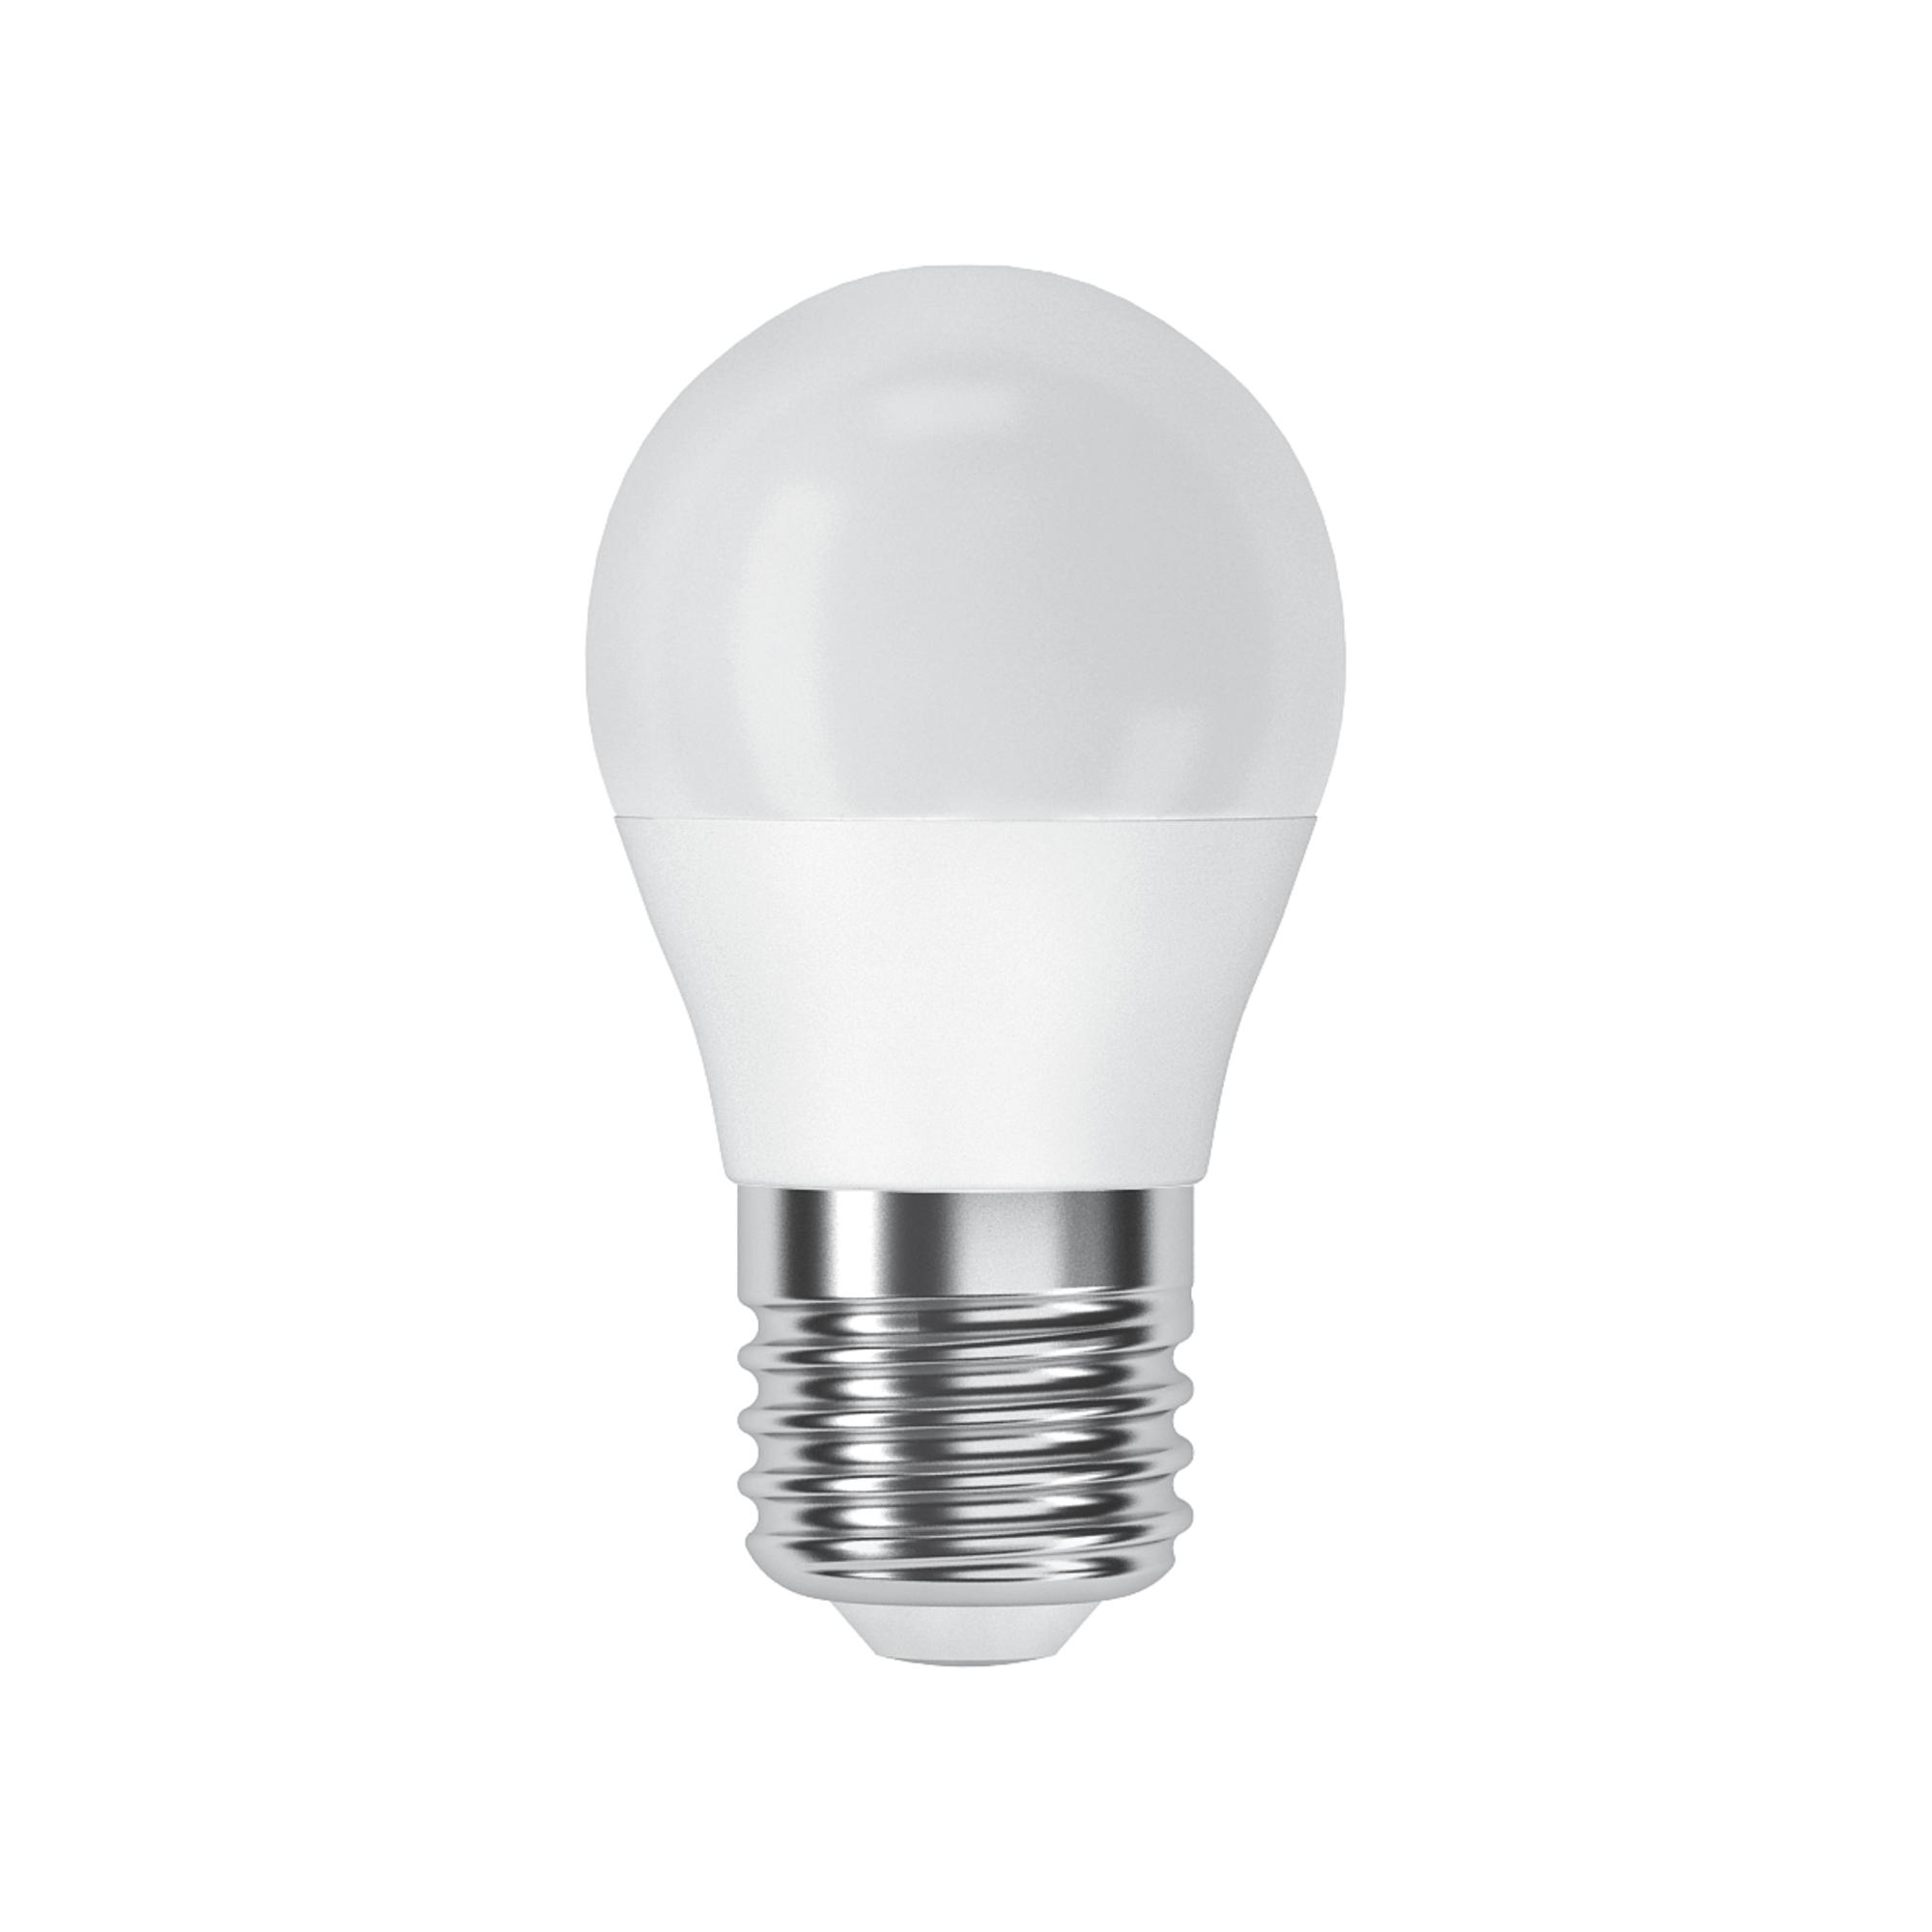 Светодиодная лампочка Фотон 23402 E27 360 Лм 4 Вт